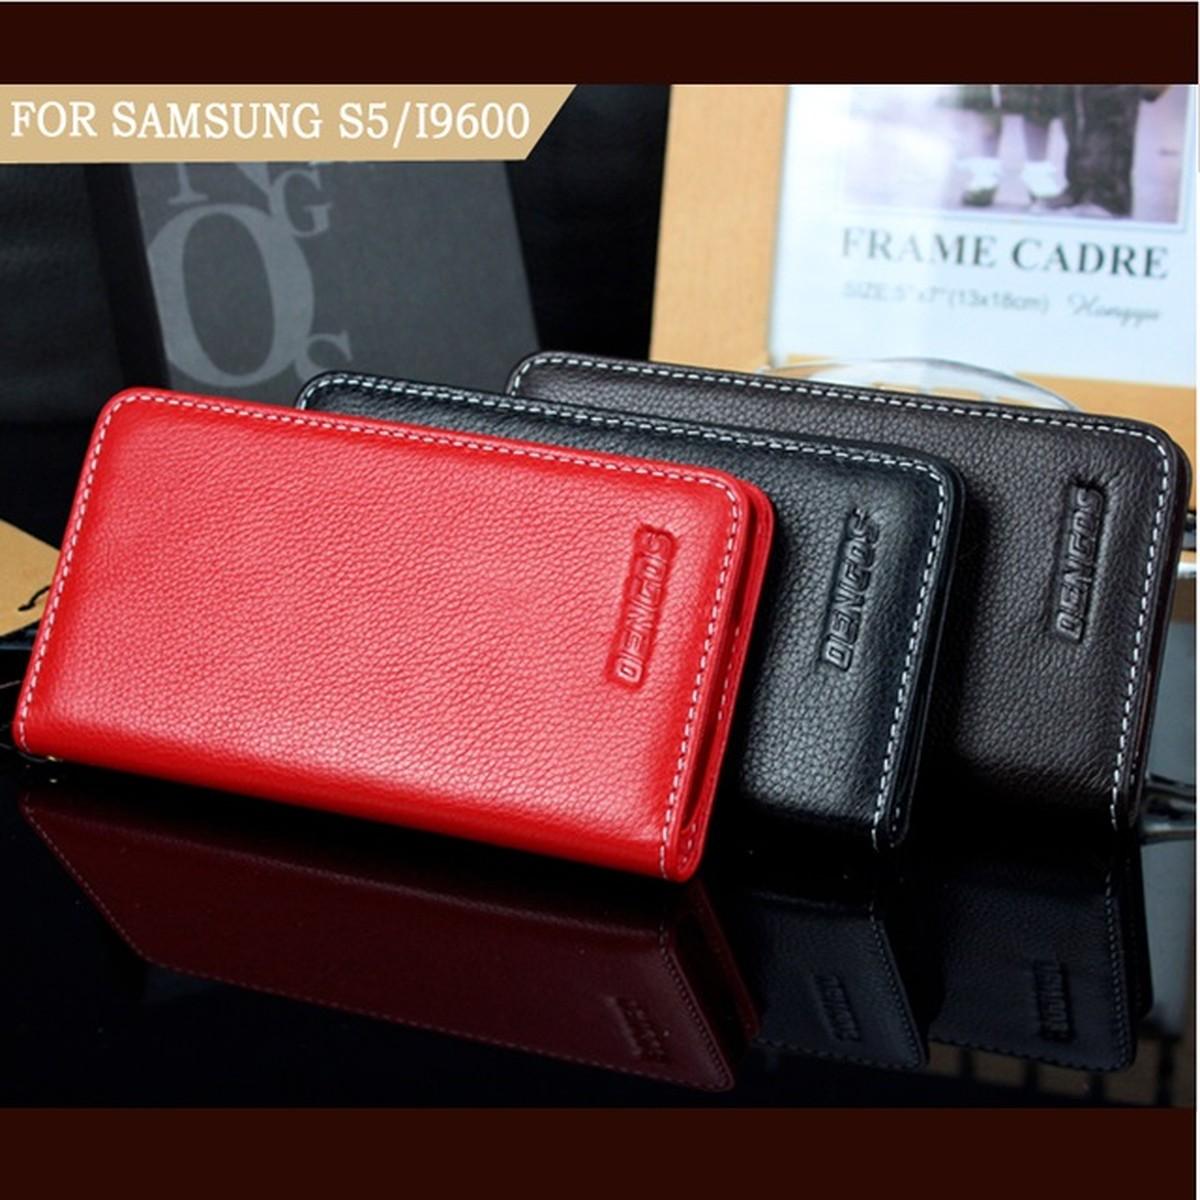 ゆうパケット メール便 100%品質保証! 送料200円 Galaxy S5 SC-04F SCL23 高級本革 期間限定の激安セール カバー スマートフォンケース 本革ケース 黒色 濃い茶 牛革 赤色